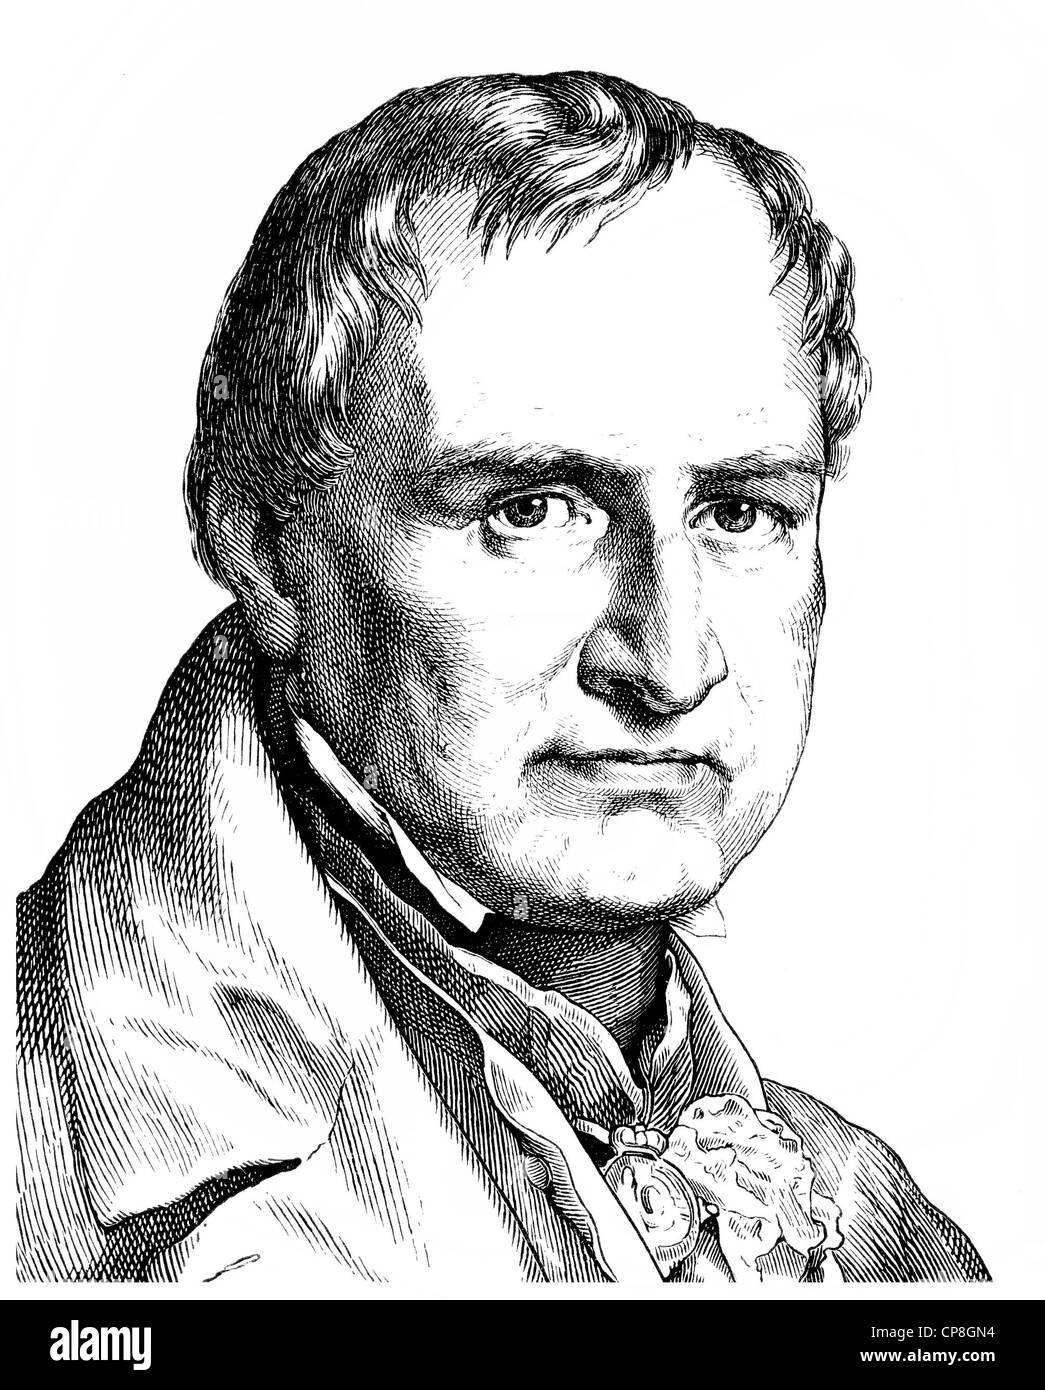 Christian Leopold Freiherr von Buch, 1774 - 1853, a German geologist, Historische Zeichnung aus dem 19. Jahrhundert, Portrait vo Stock Photo